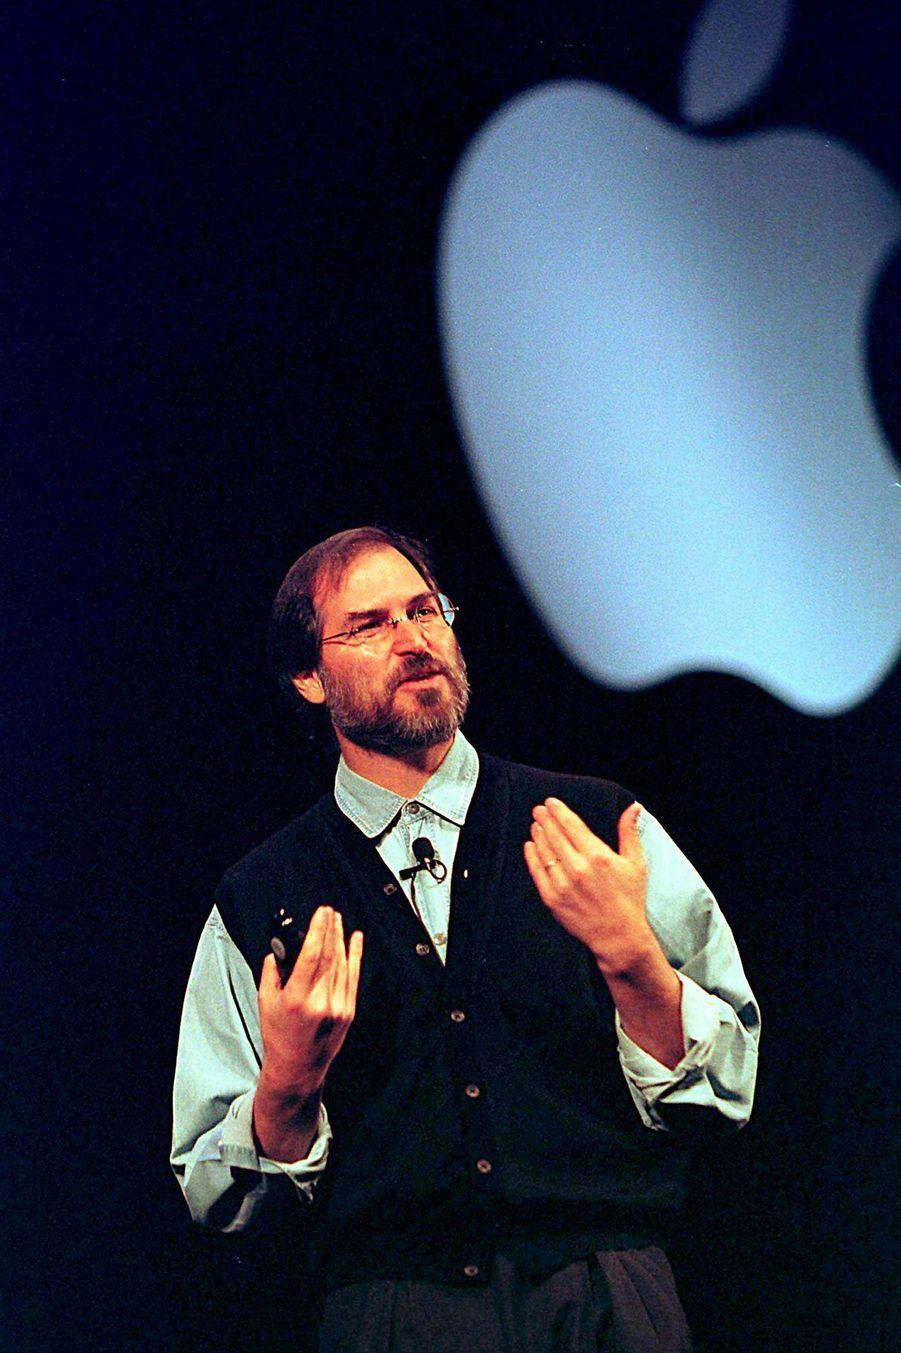 1997, Steve Jobs est rappelé pour reprendre les rennes de la compagnie qui est au bord de la faillite. A cette date, il change la stratégie d'Appl...